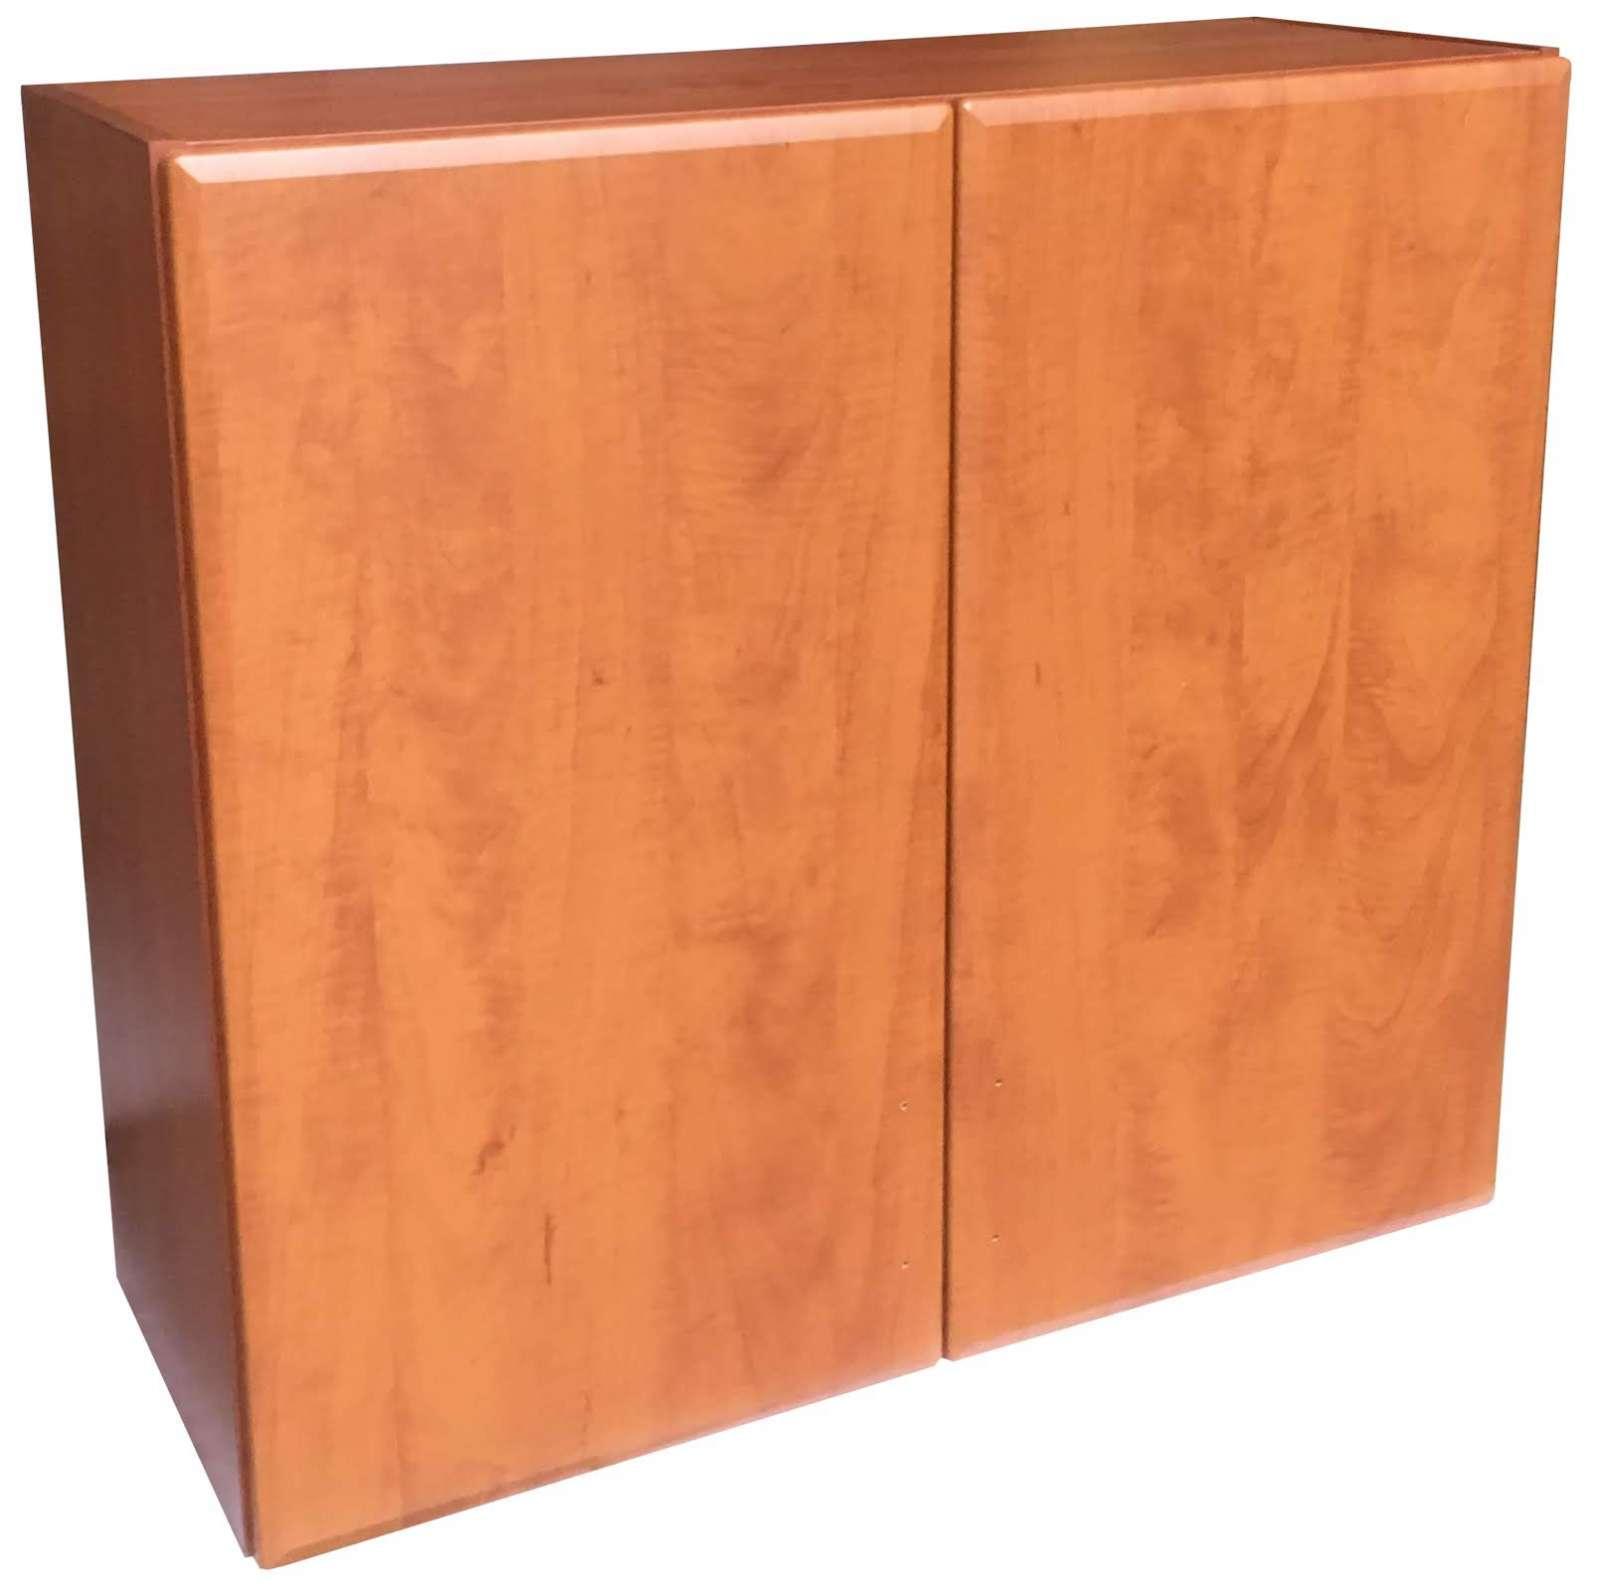 Horní kuchyňská skříňka Diana 80 cm - výprodej